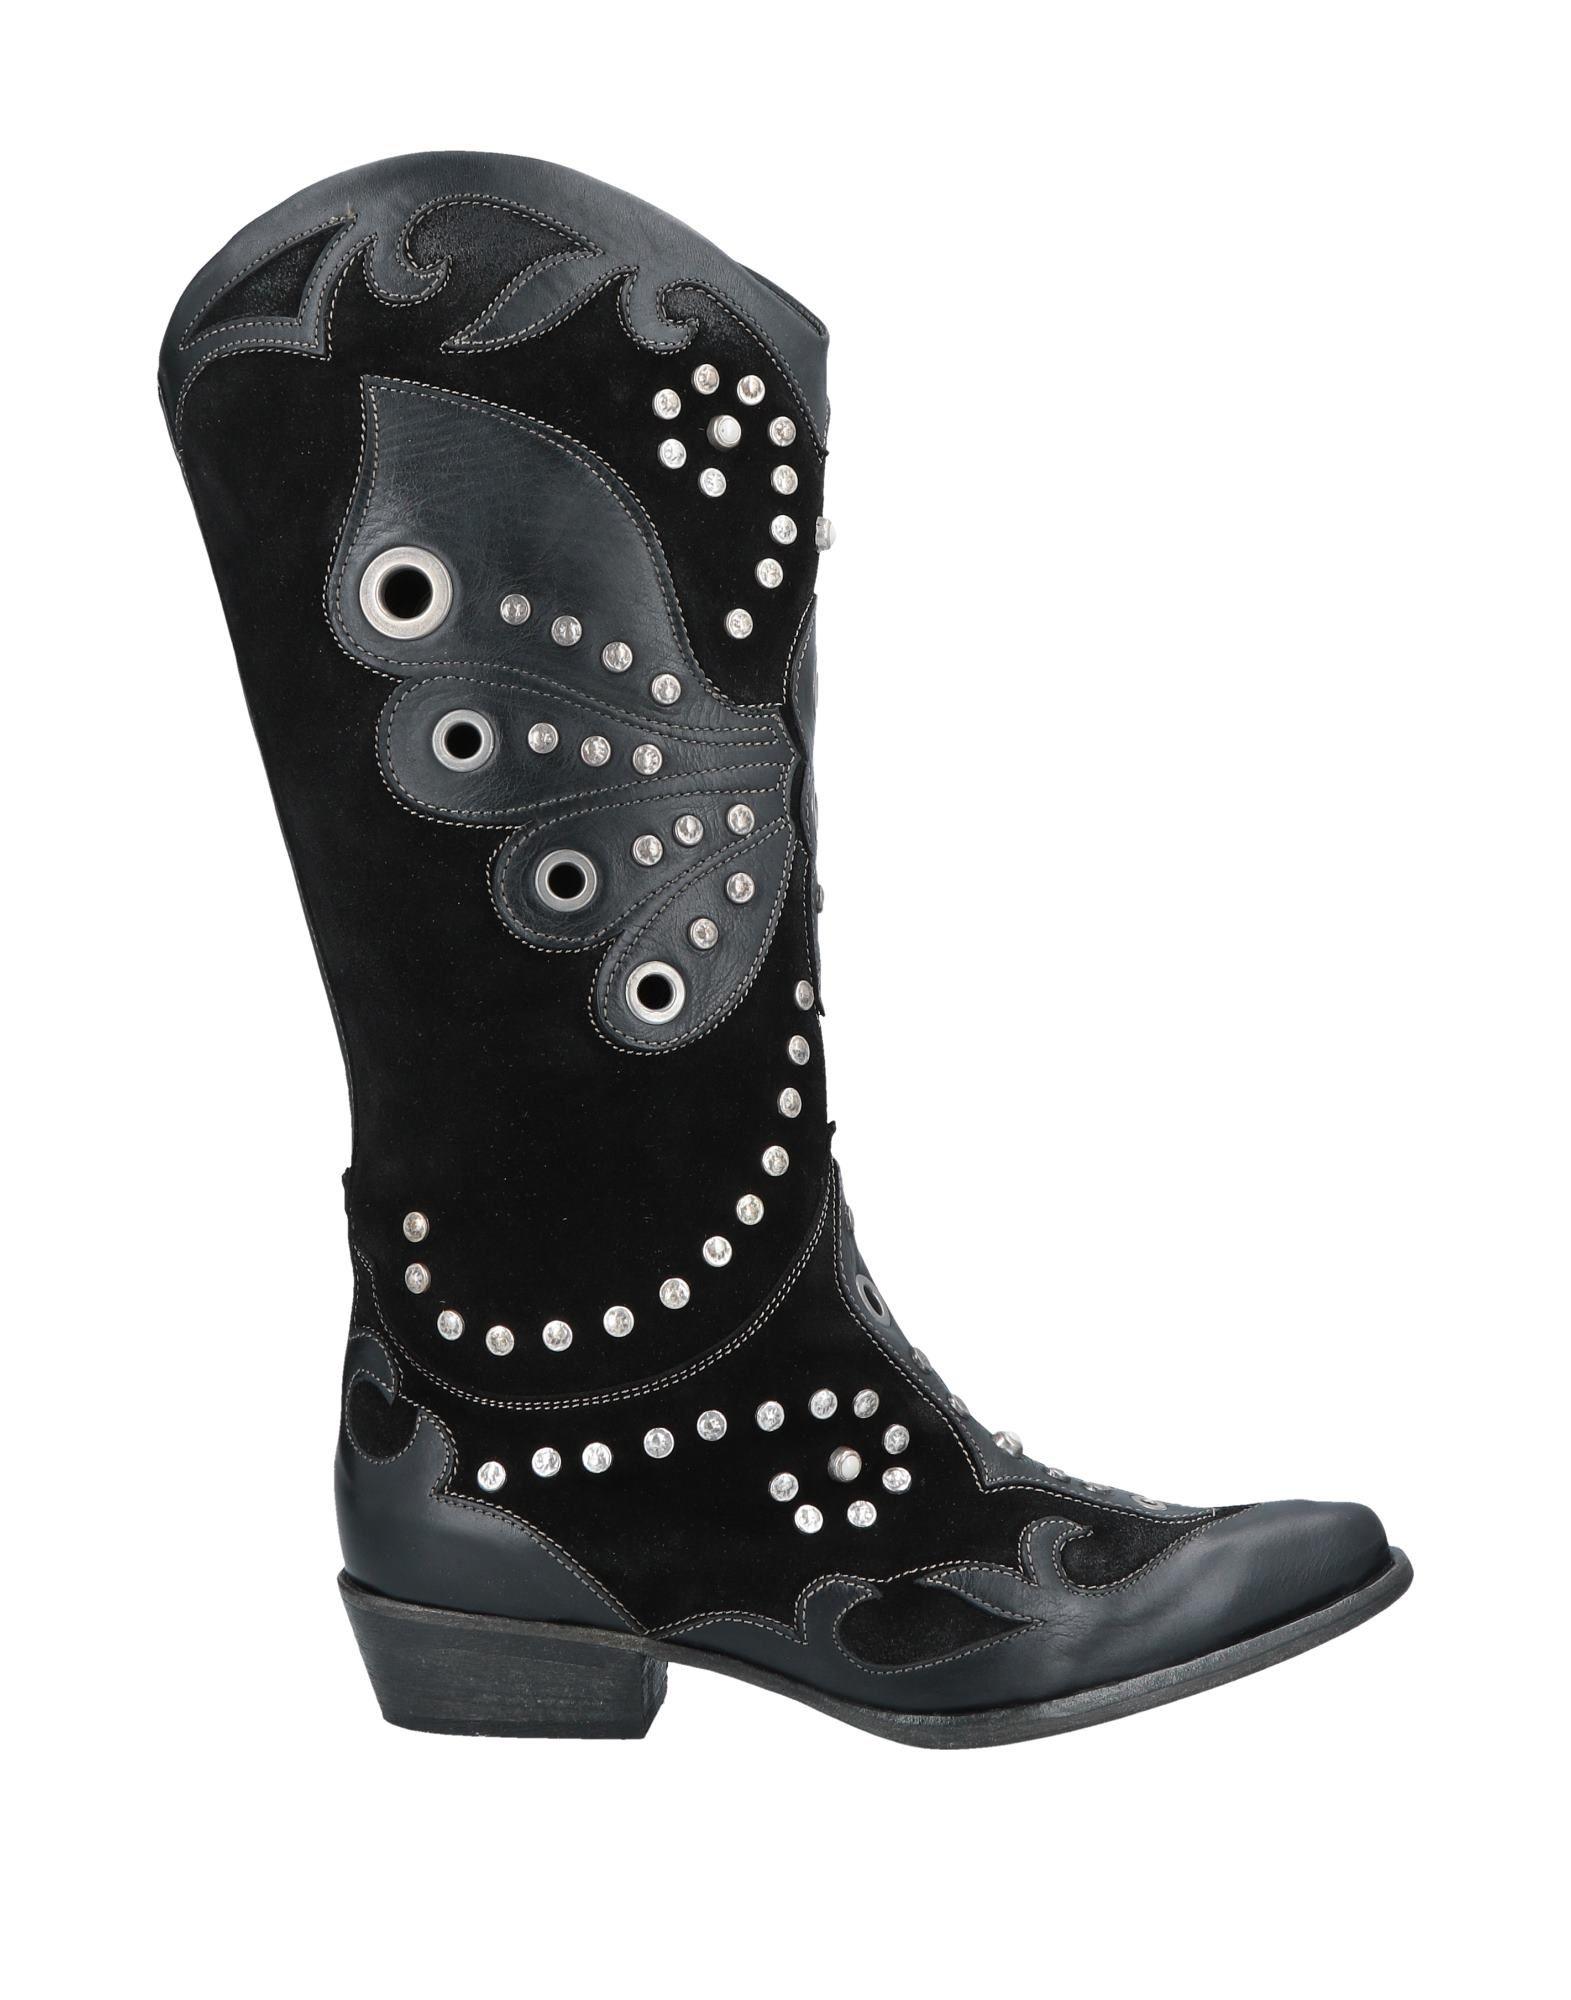 《送料無料》MATERIA PRIMA by GOFFREDO FANTINI レディース ブーツ ブラック 36 革